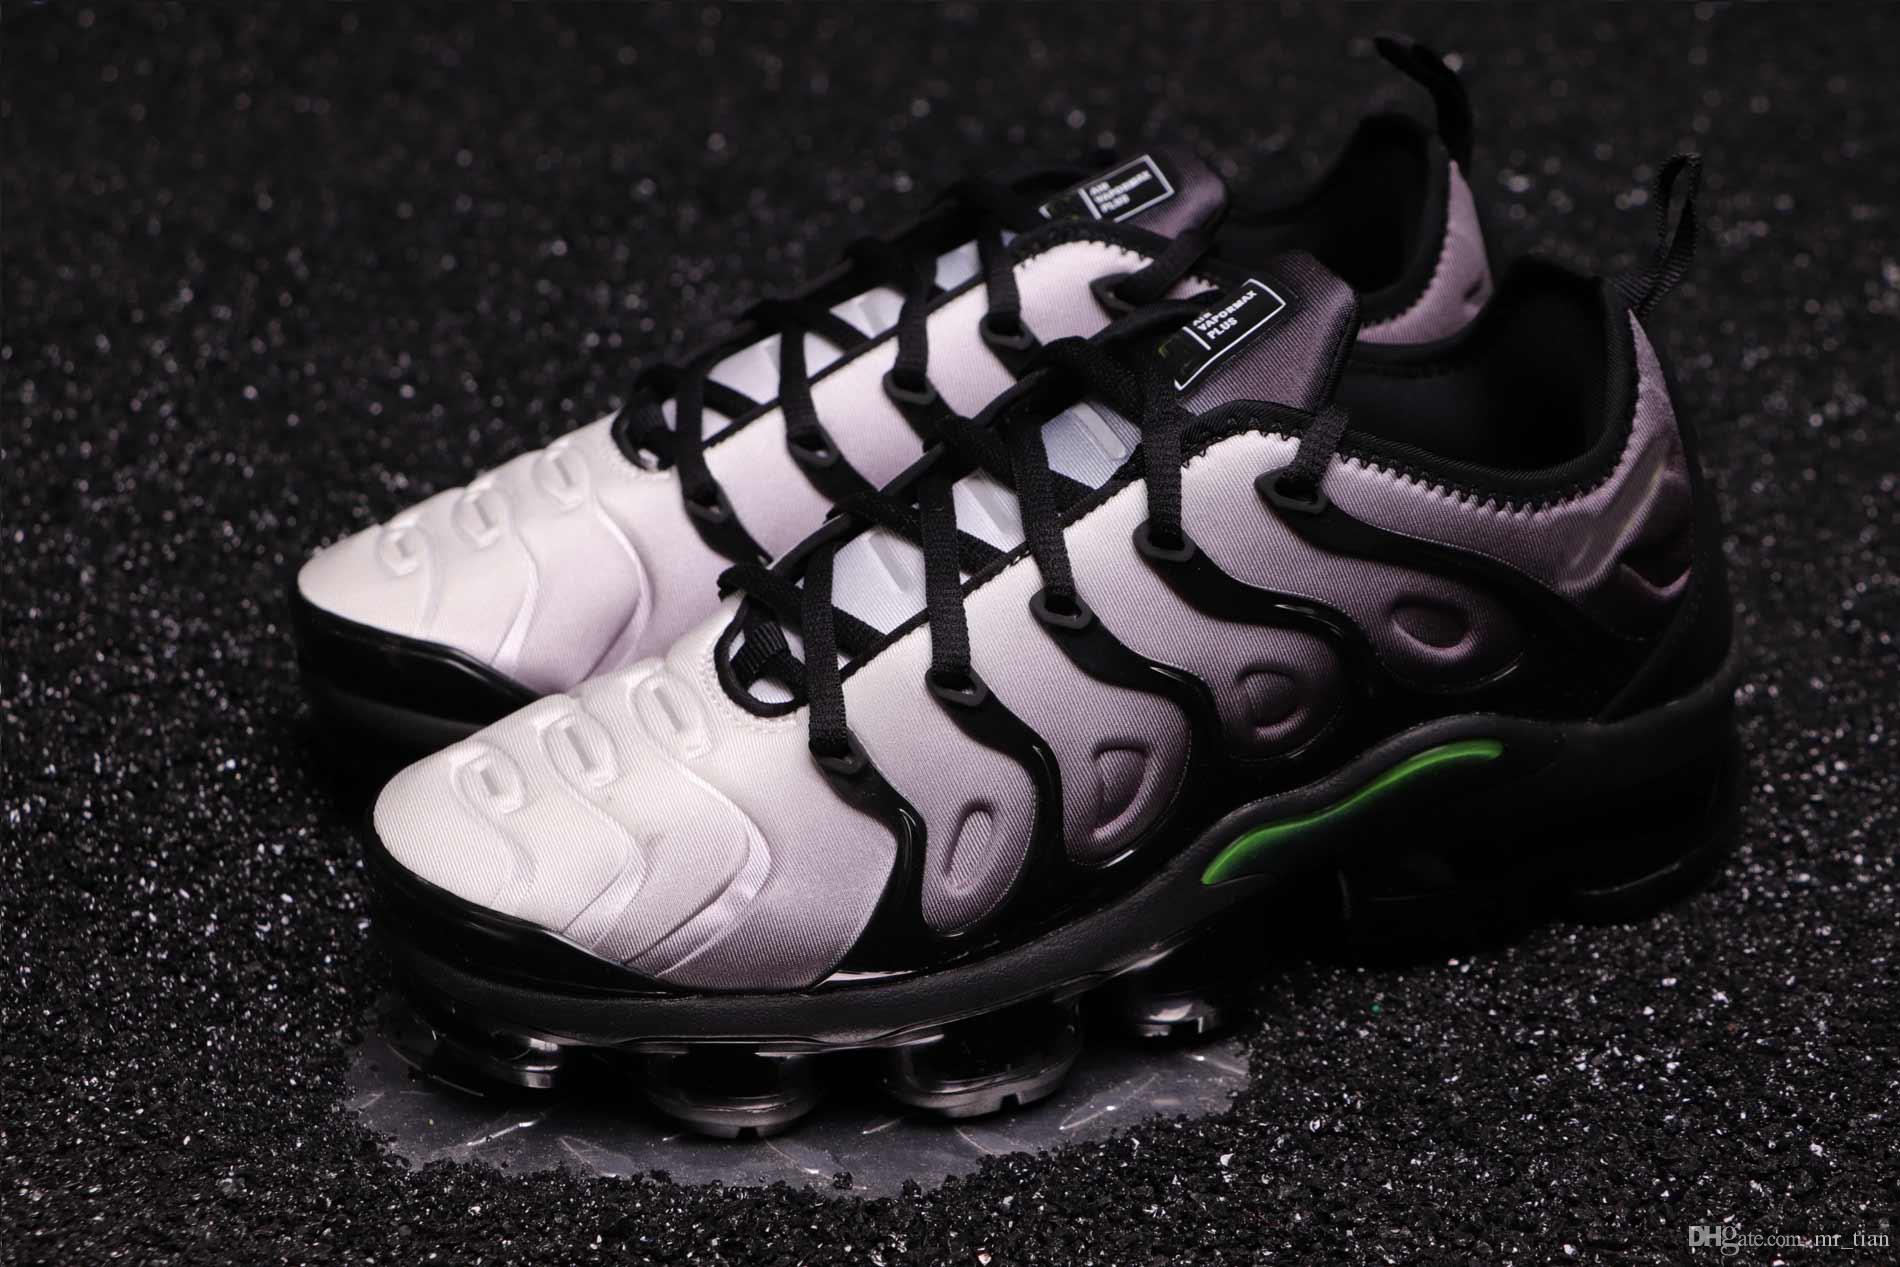 c80a4aa374b42 Scarpe Da Calcetto Nike W Air VaporMax Plus 2019 Cuscino Misto TN Di Alta  Qualità Le Scarpe Da Corsa Da Uomo E Da Donna Più Colorate